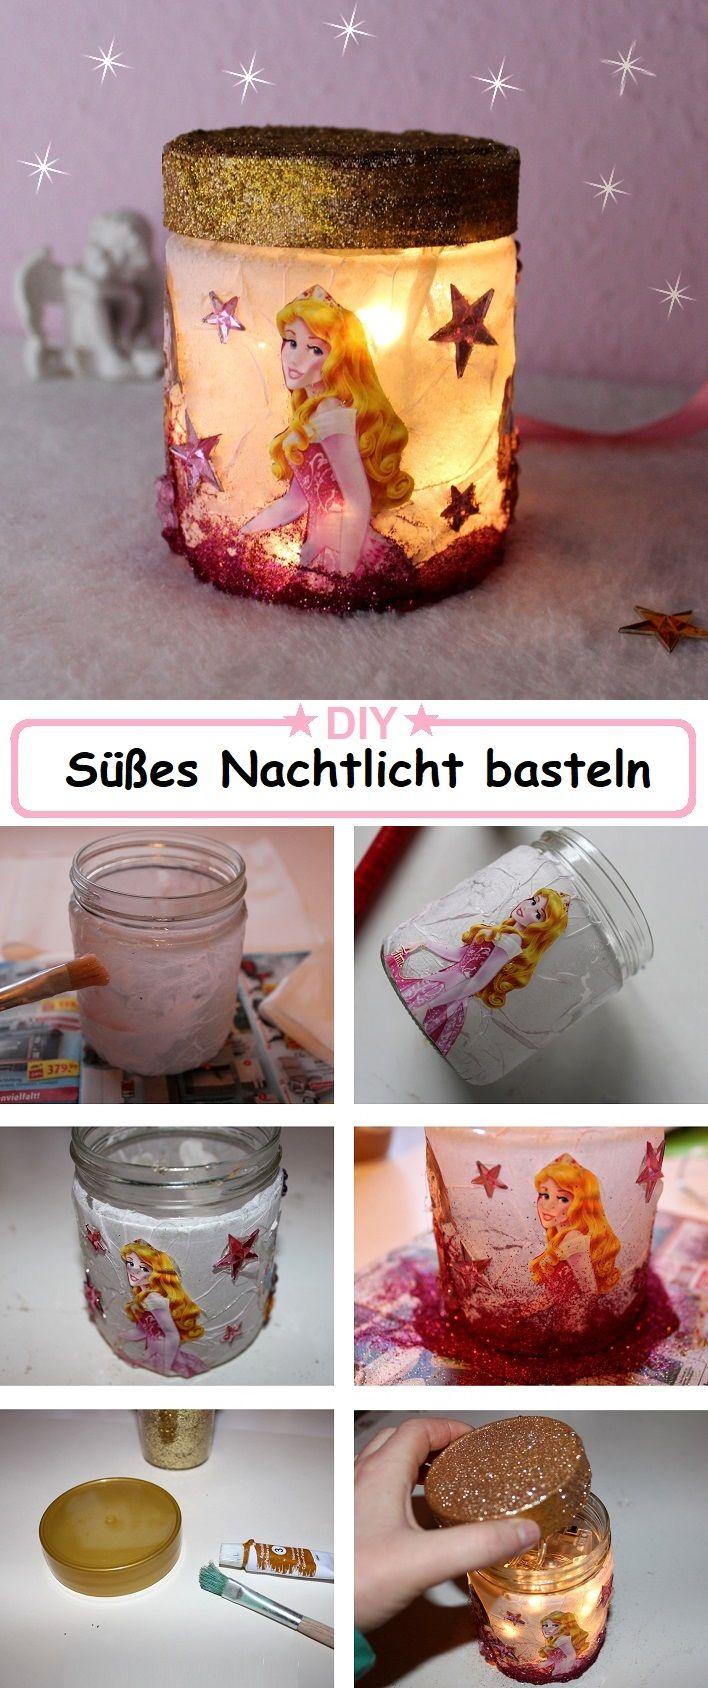 DIY Nachtlicht basteln - Kreative DIY Idee - Basteln mit Kindern - Nachtlicht selber machen